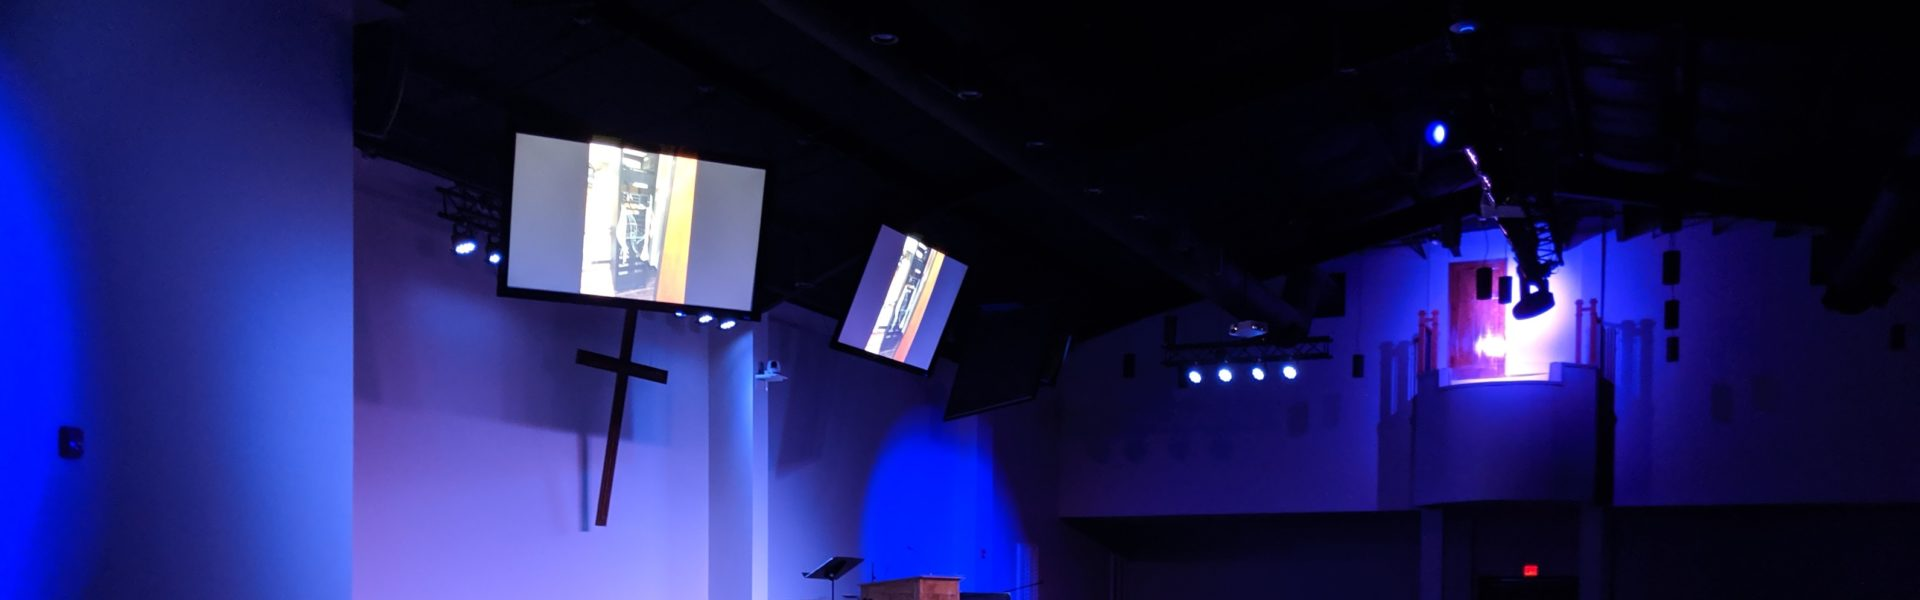 Installations & Integration banner